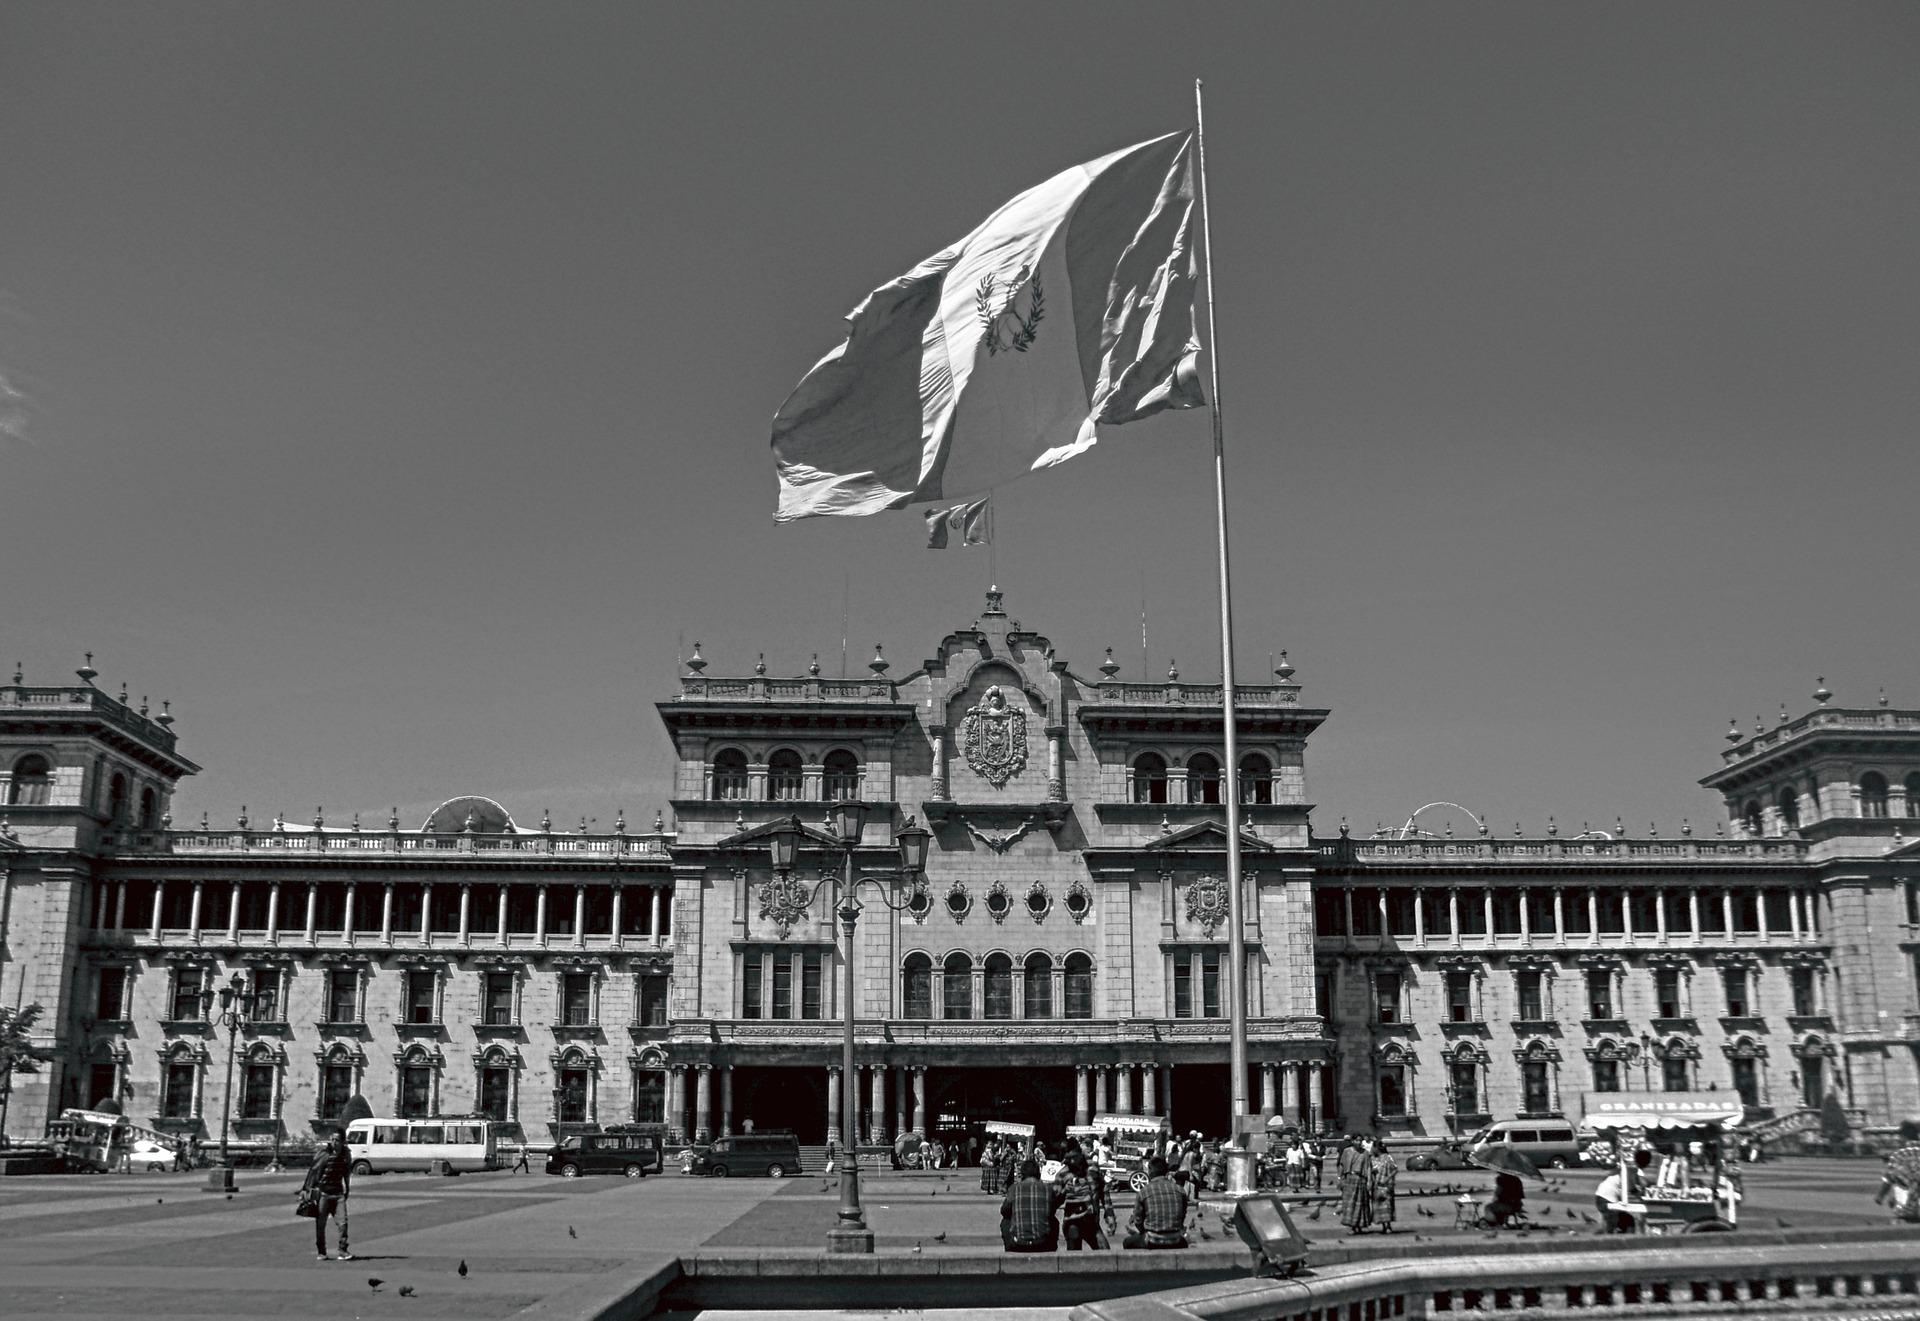 palace-2007334_1920.jpg